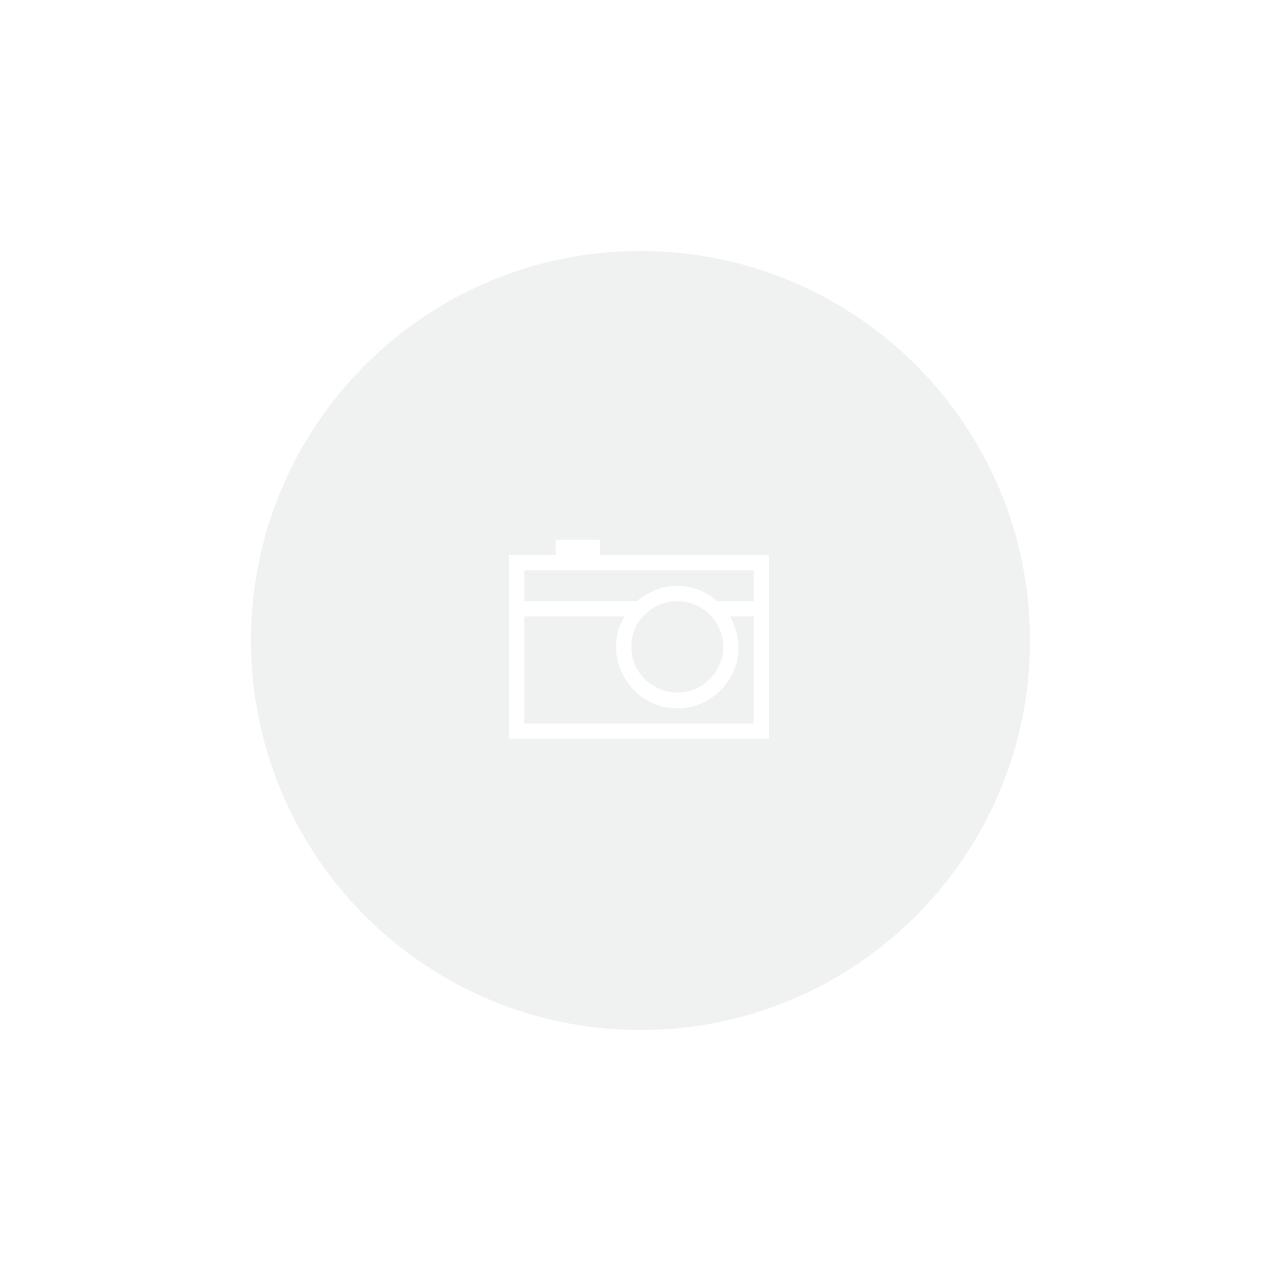 Caixa Retangular com Serigrafia